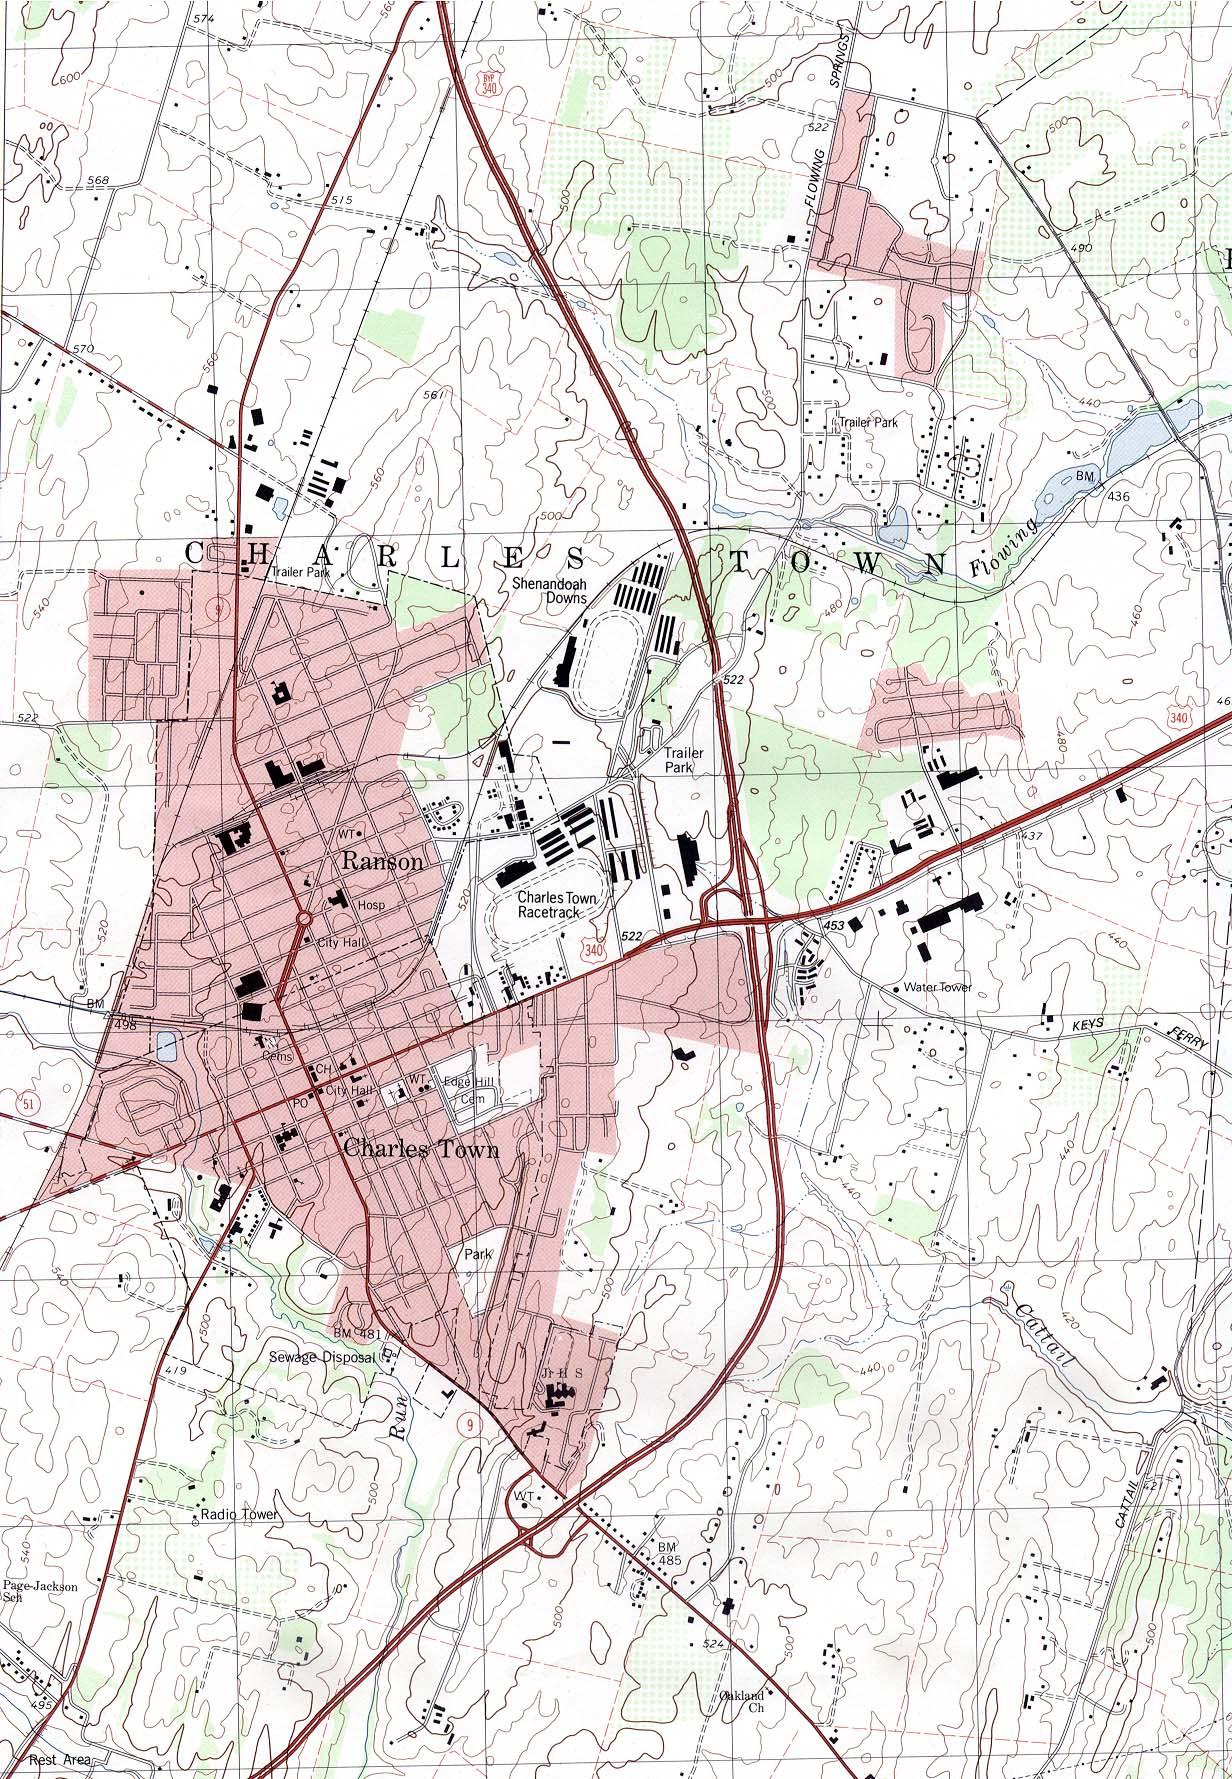 Mapa Topográfico de la Ciudad de Charles Town, Virginia Occidental, Estados Unidos